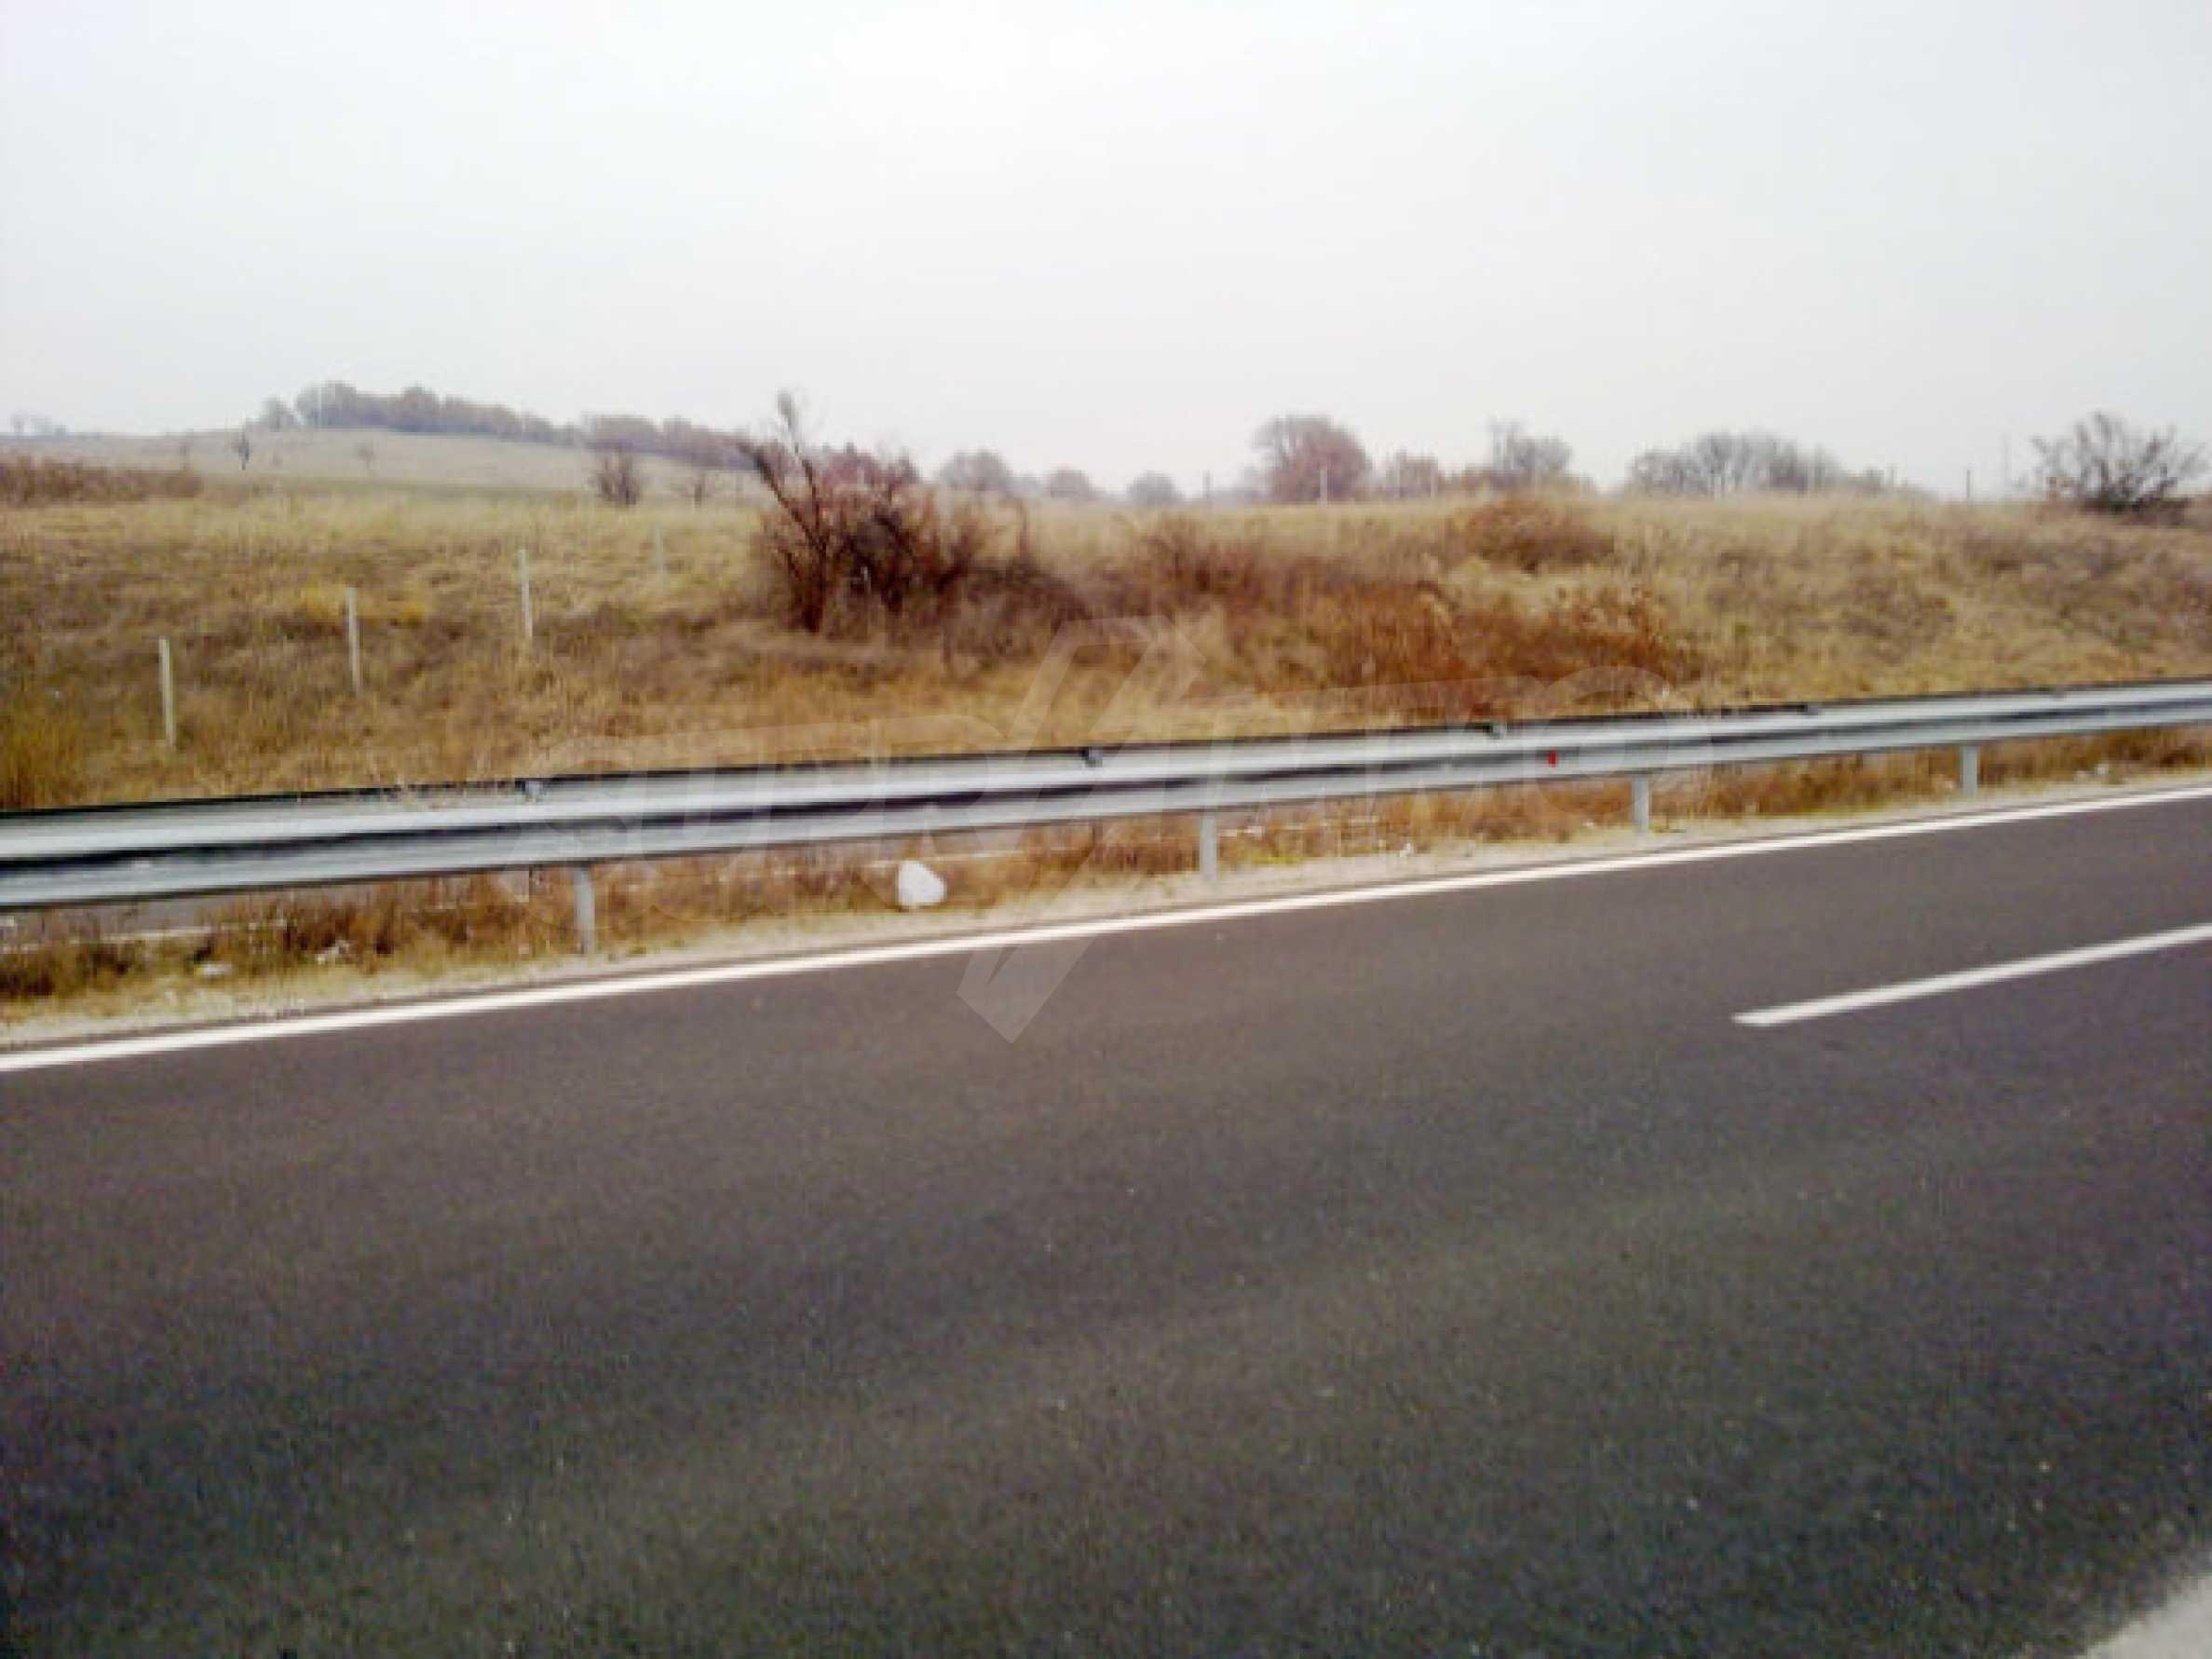 Land for sale facing Trakiya highway 2